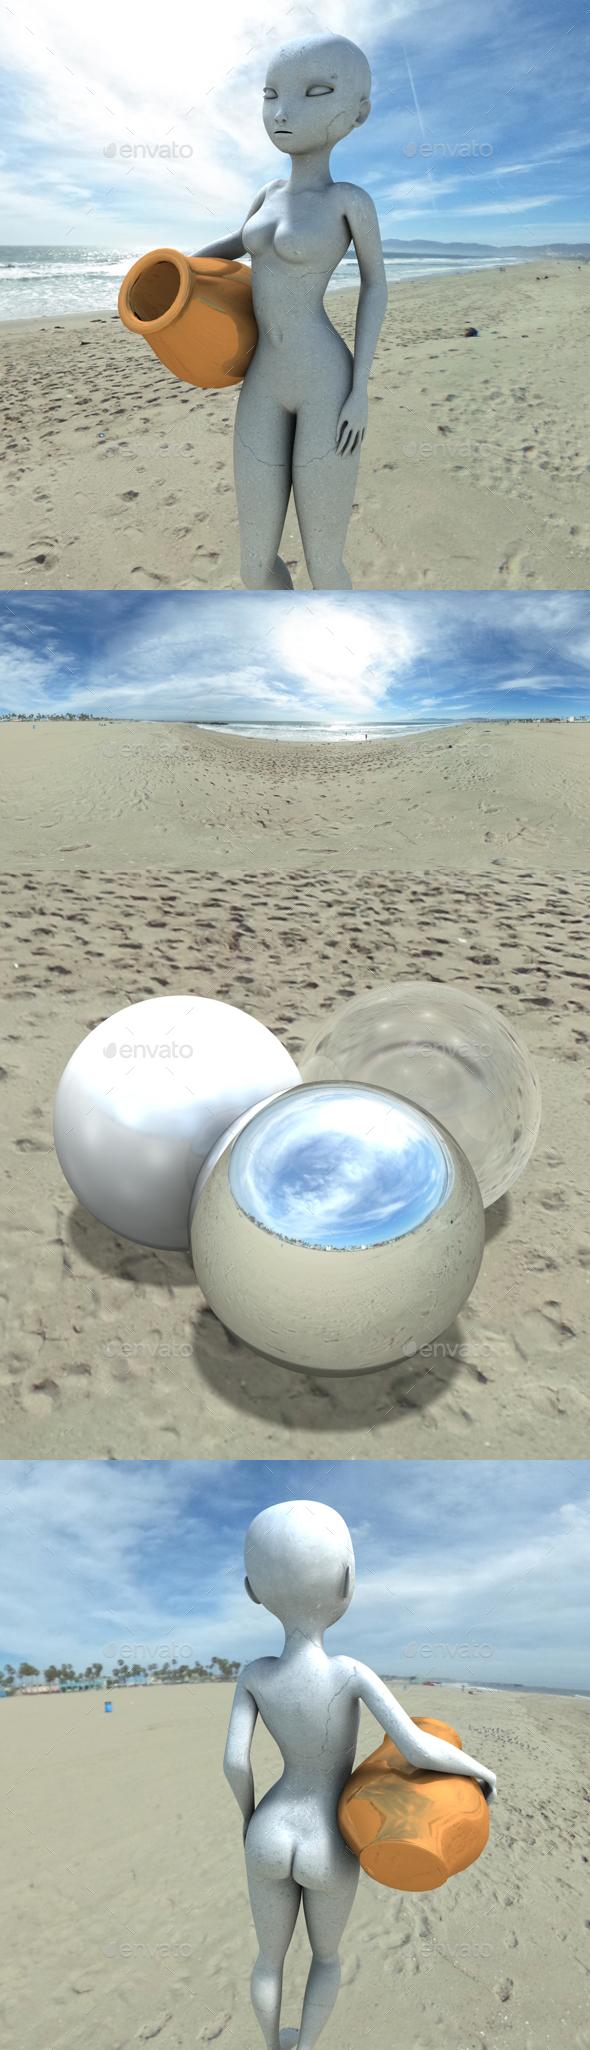 Blue Cloudy Beach HDRI - 3DOcean Item for Sale